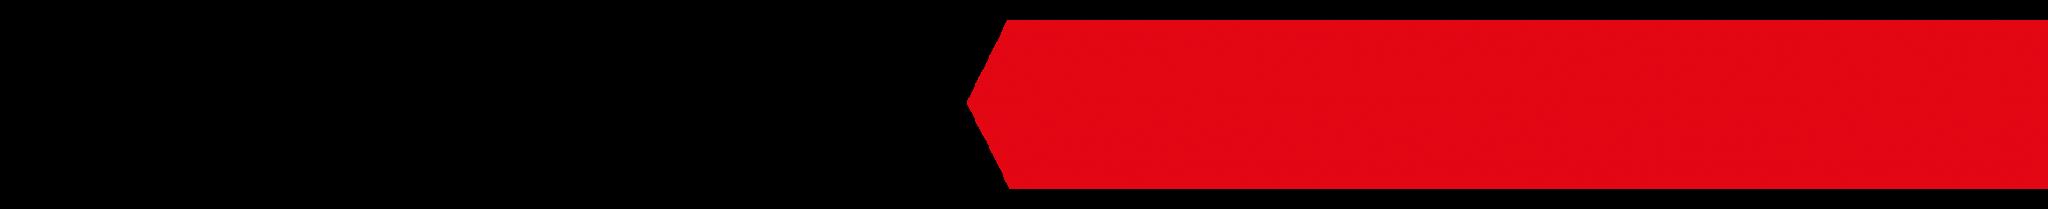 Basislogo-4c-2048x209-2048x209